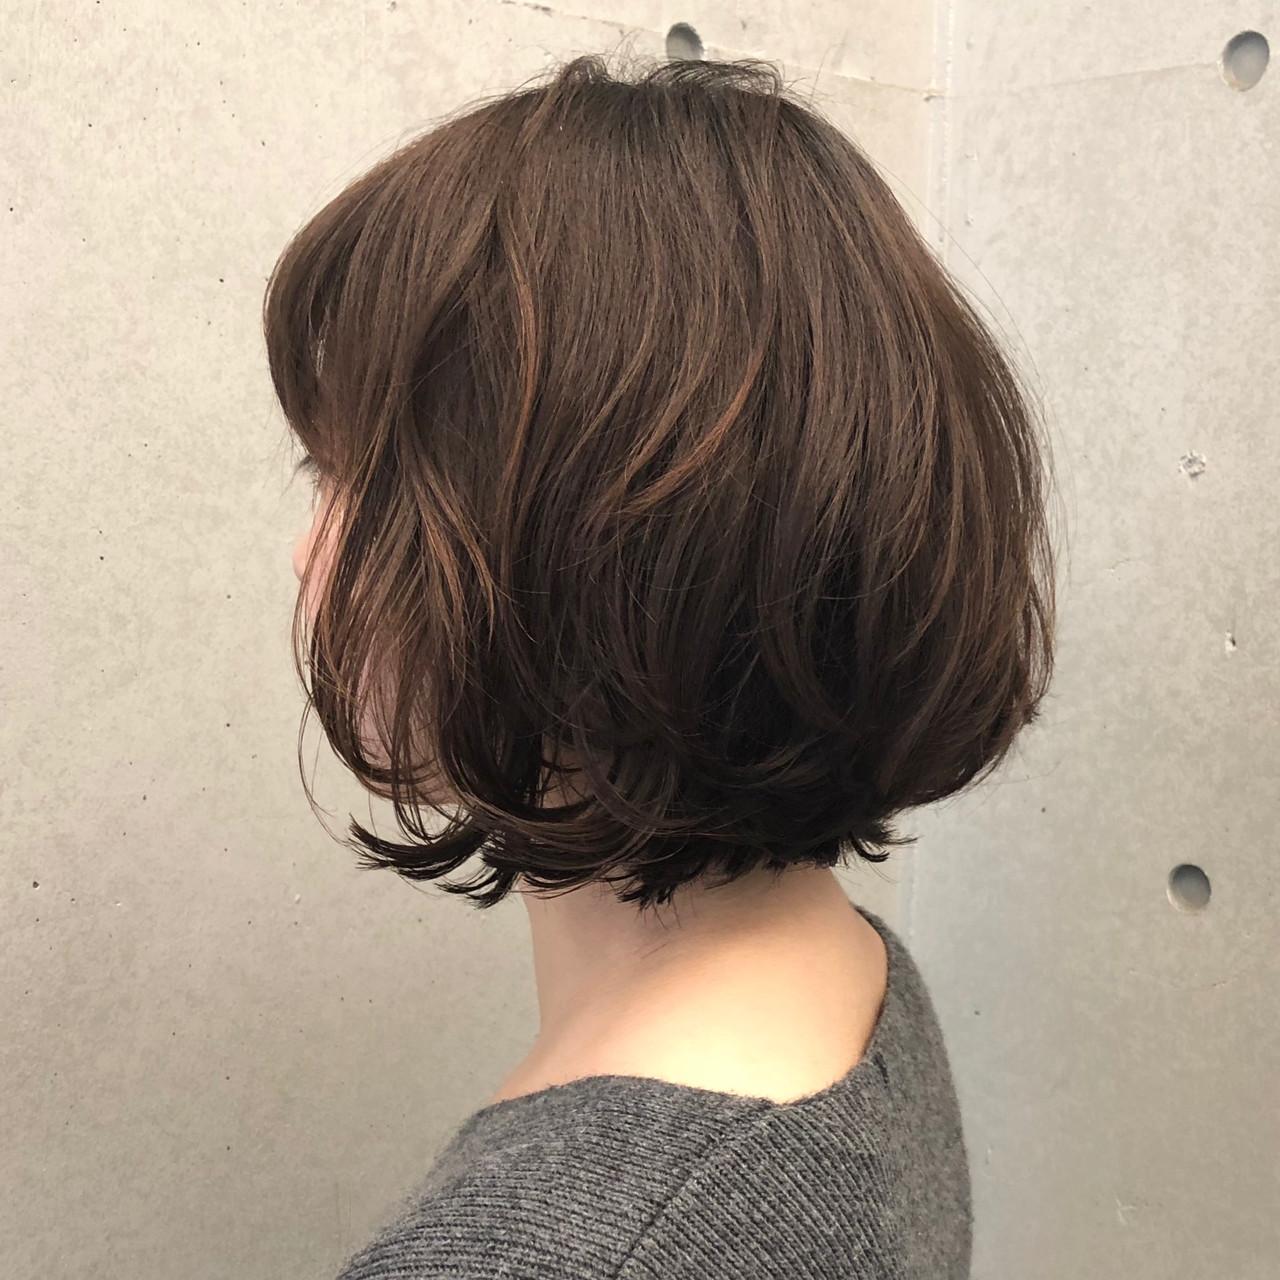 パーマ ボブ フェミニン ボブ ヘアスタイルや髪型の写真・画像 | KEIKO/表参道/パーマが得意 / WARREN・TRICOMI NEW YORK